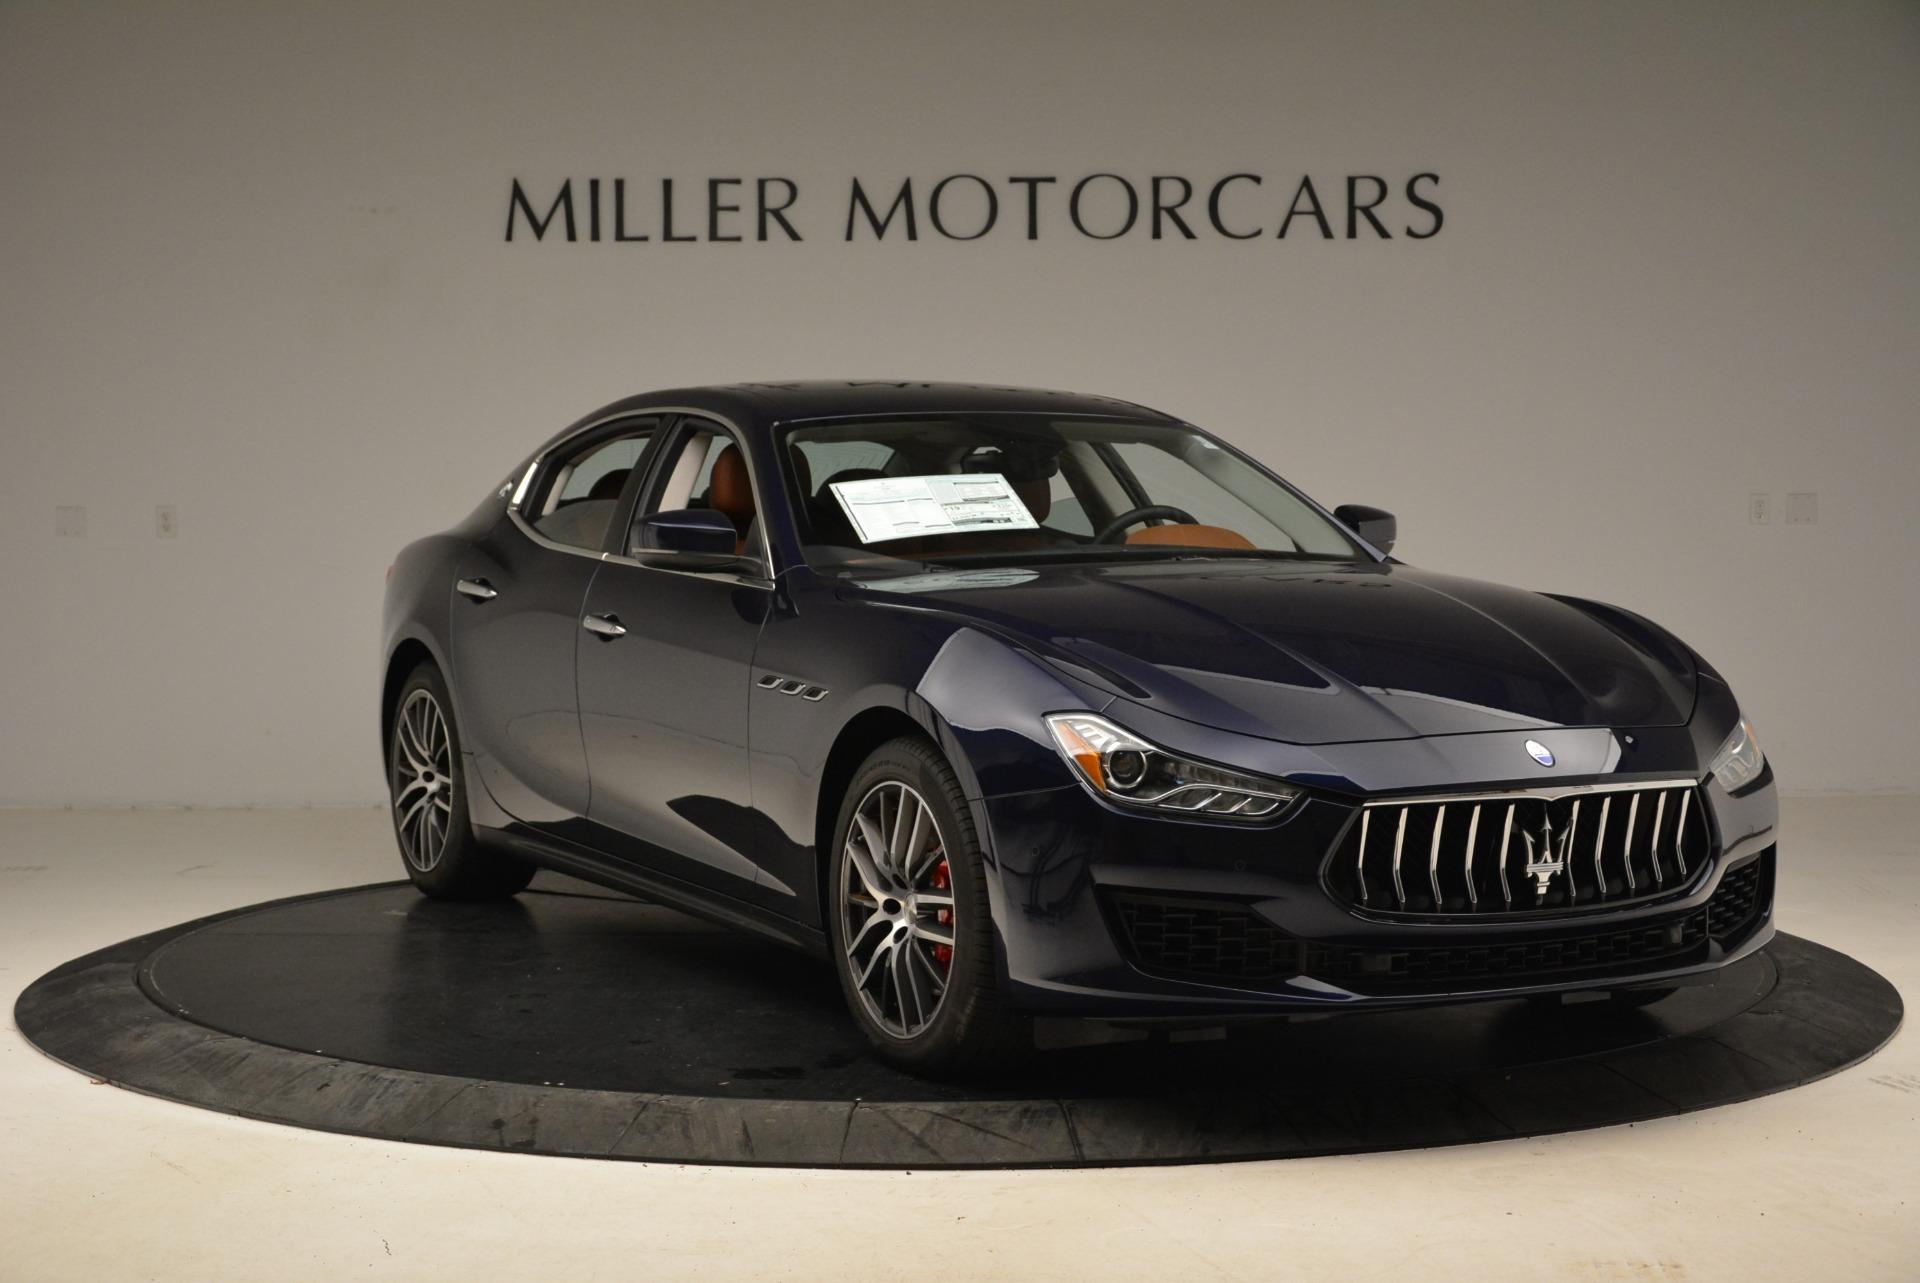 New 2019 Maserati Ghibli S Q4 For Sale In Greenwich, CT. Alfa Romeo of Greenwich, M2271 3016_p11